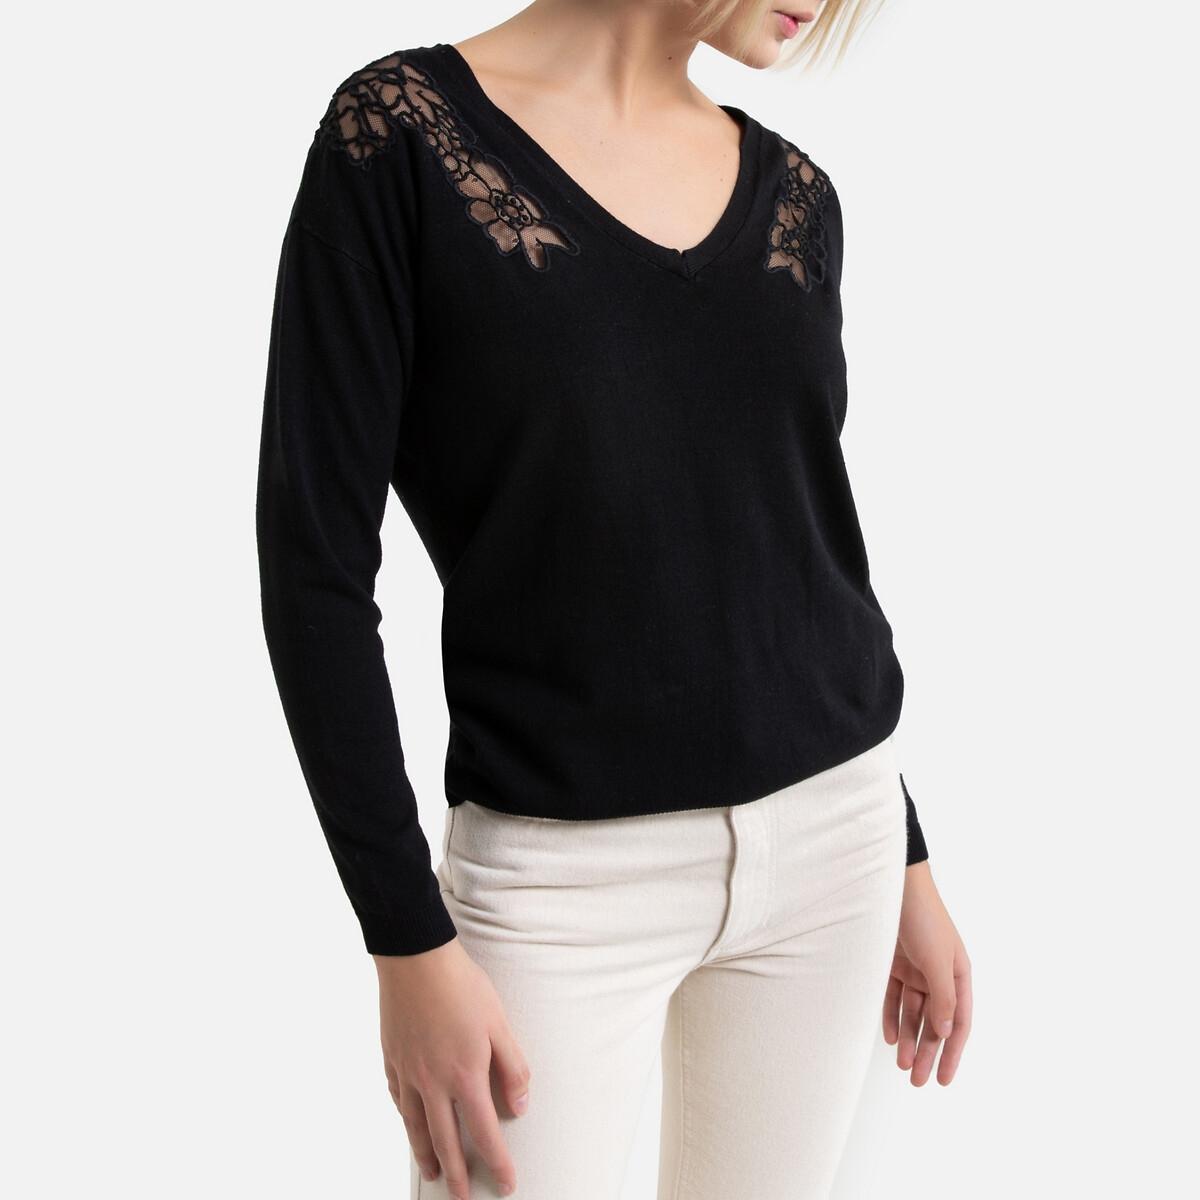 Пуловер La Redoute С v-образным вырезом из тонкого трикотажа с кружевом S черный